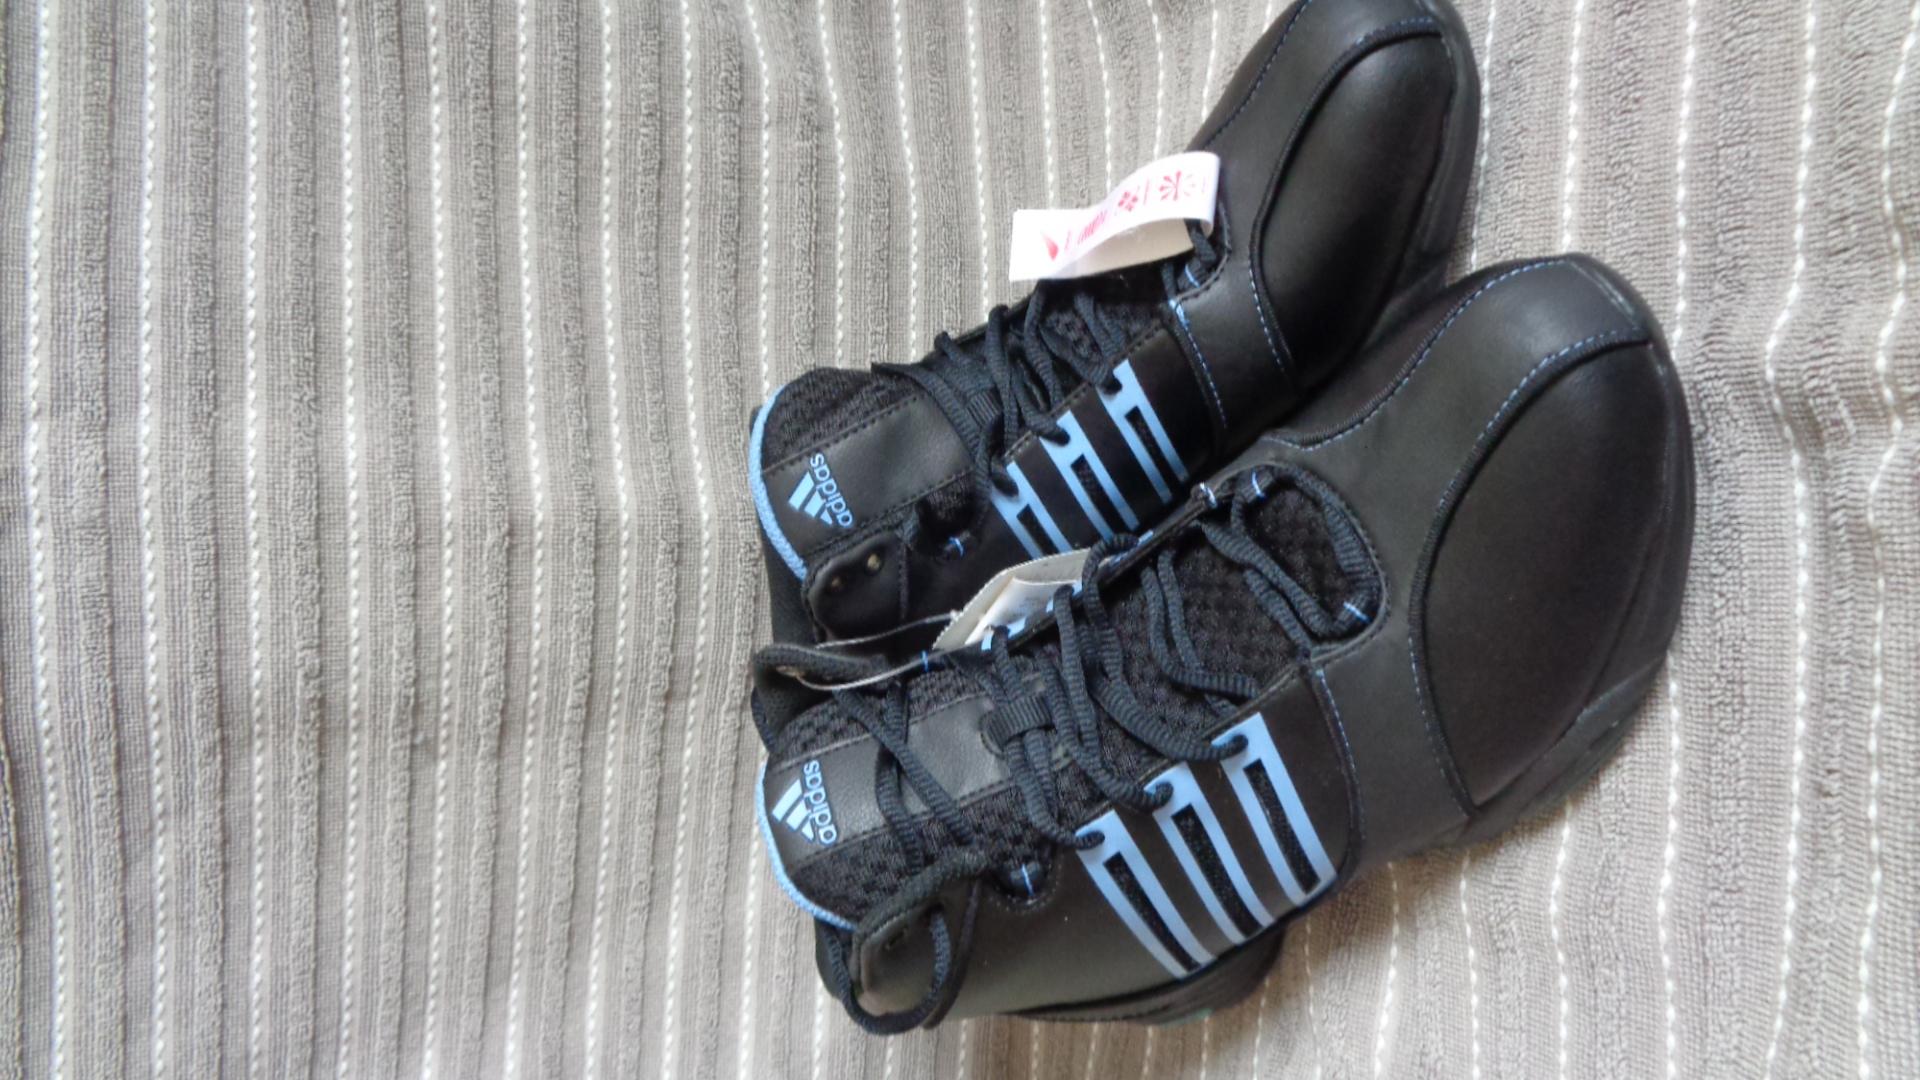 Foto des unpaars Sportschuh - Adidas